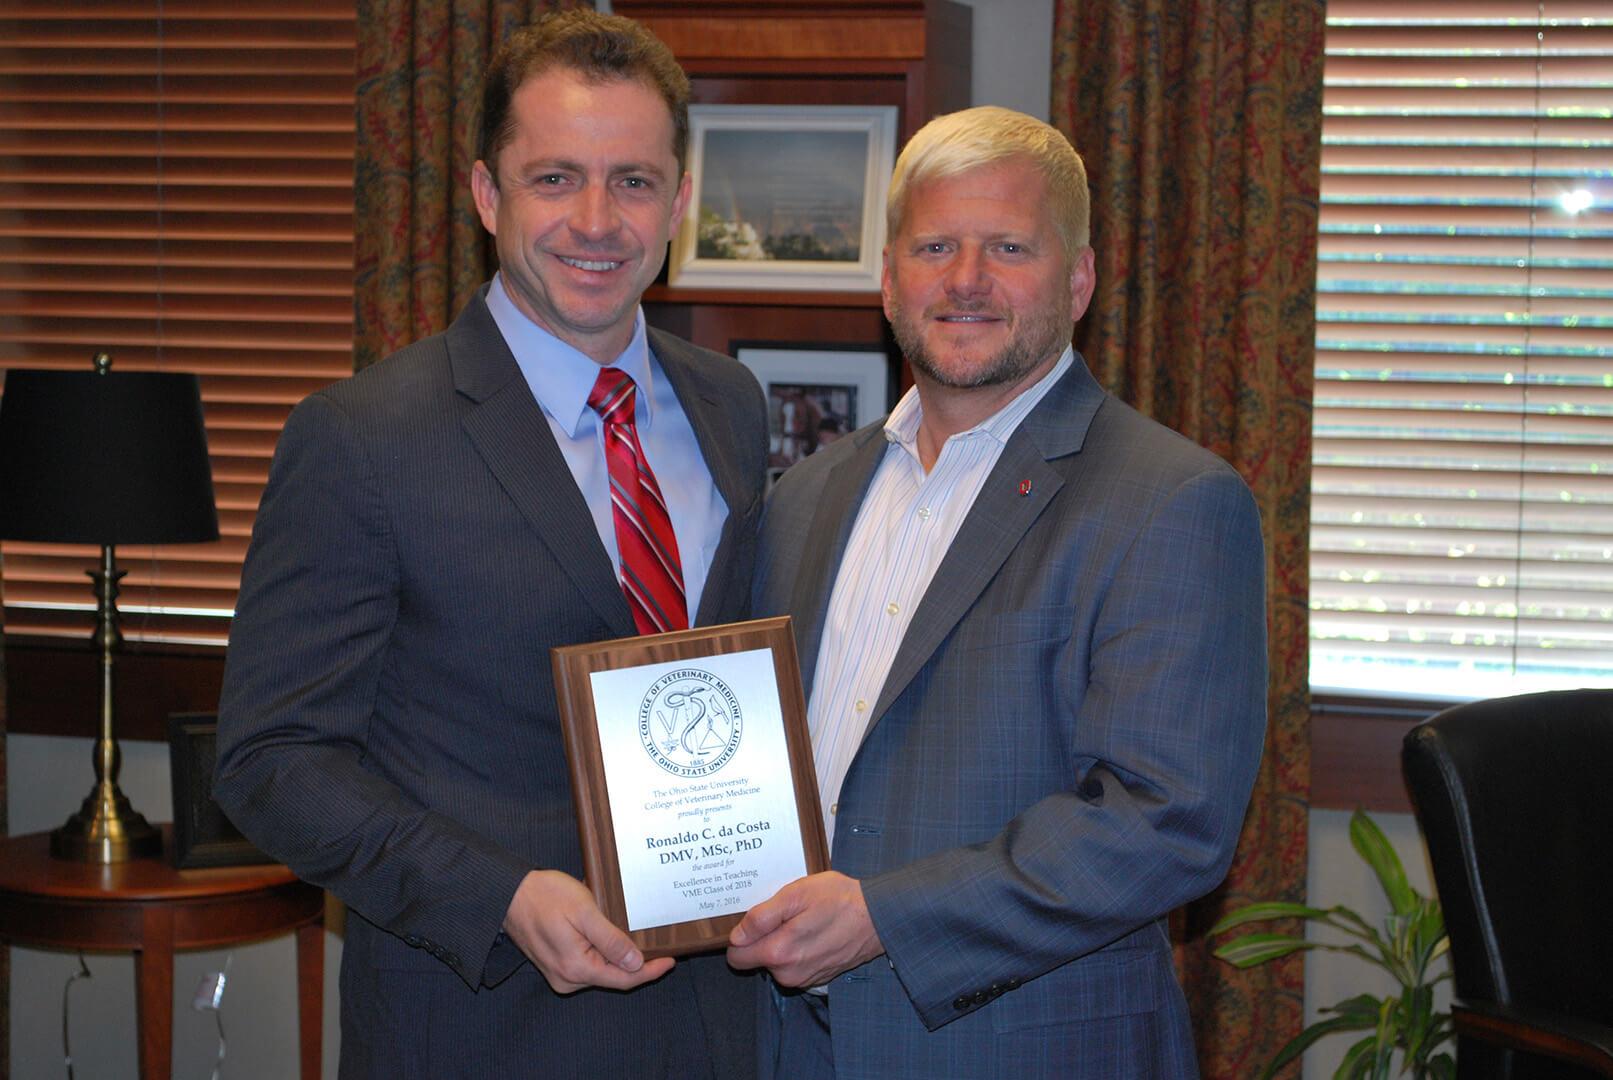 Prêmio de Excelência Didática - The Ohio State University (2018)